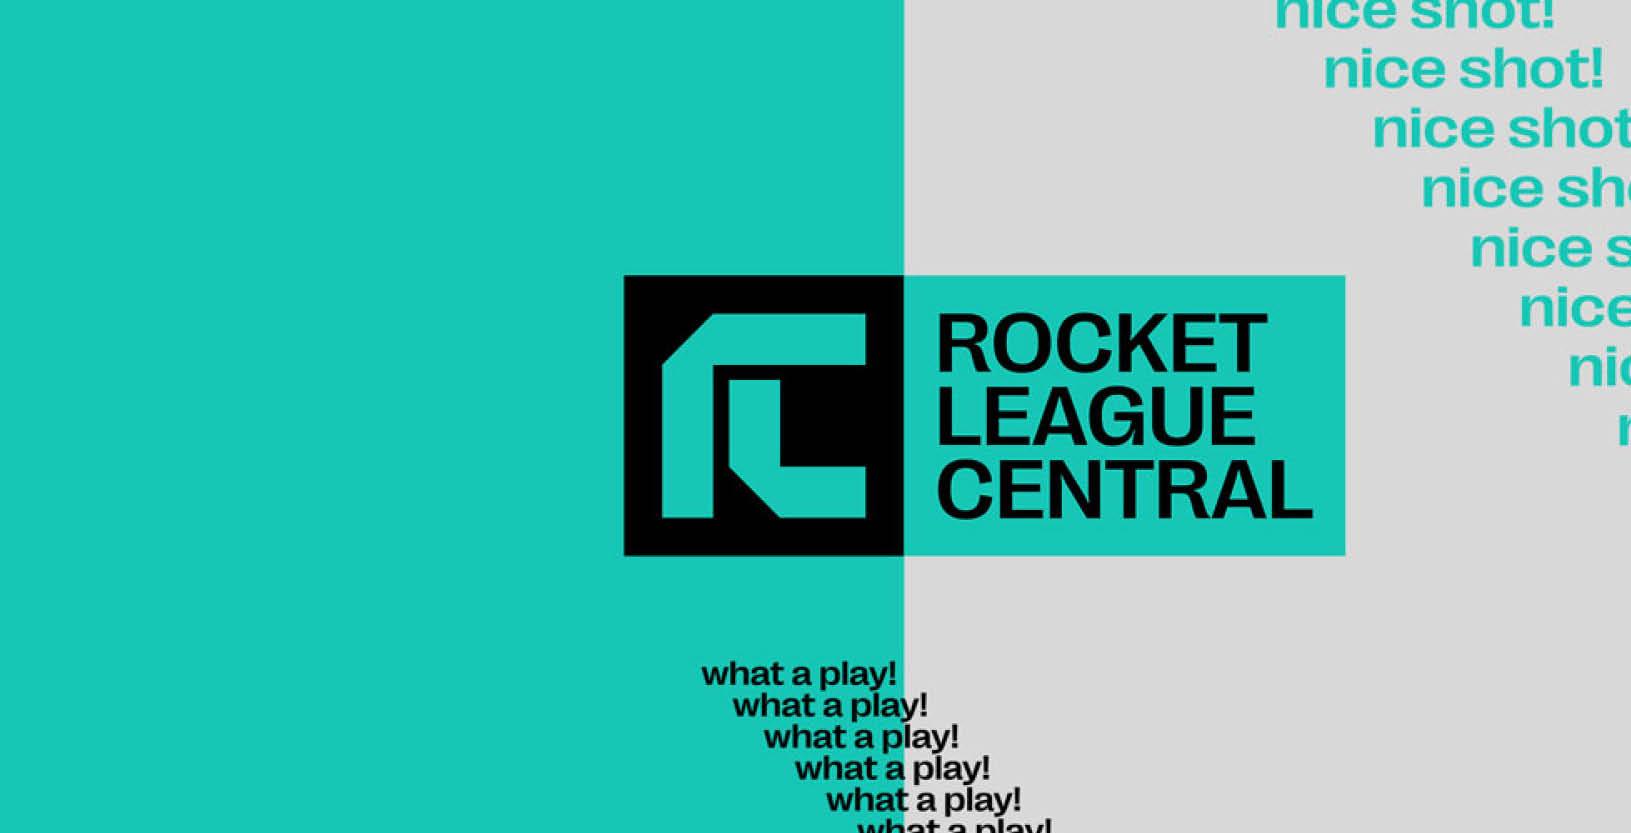 RL Central